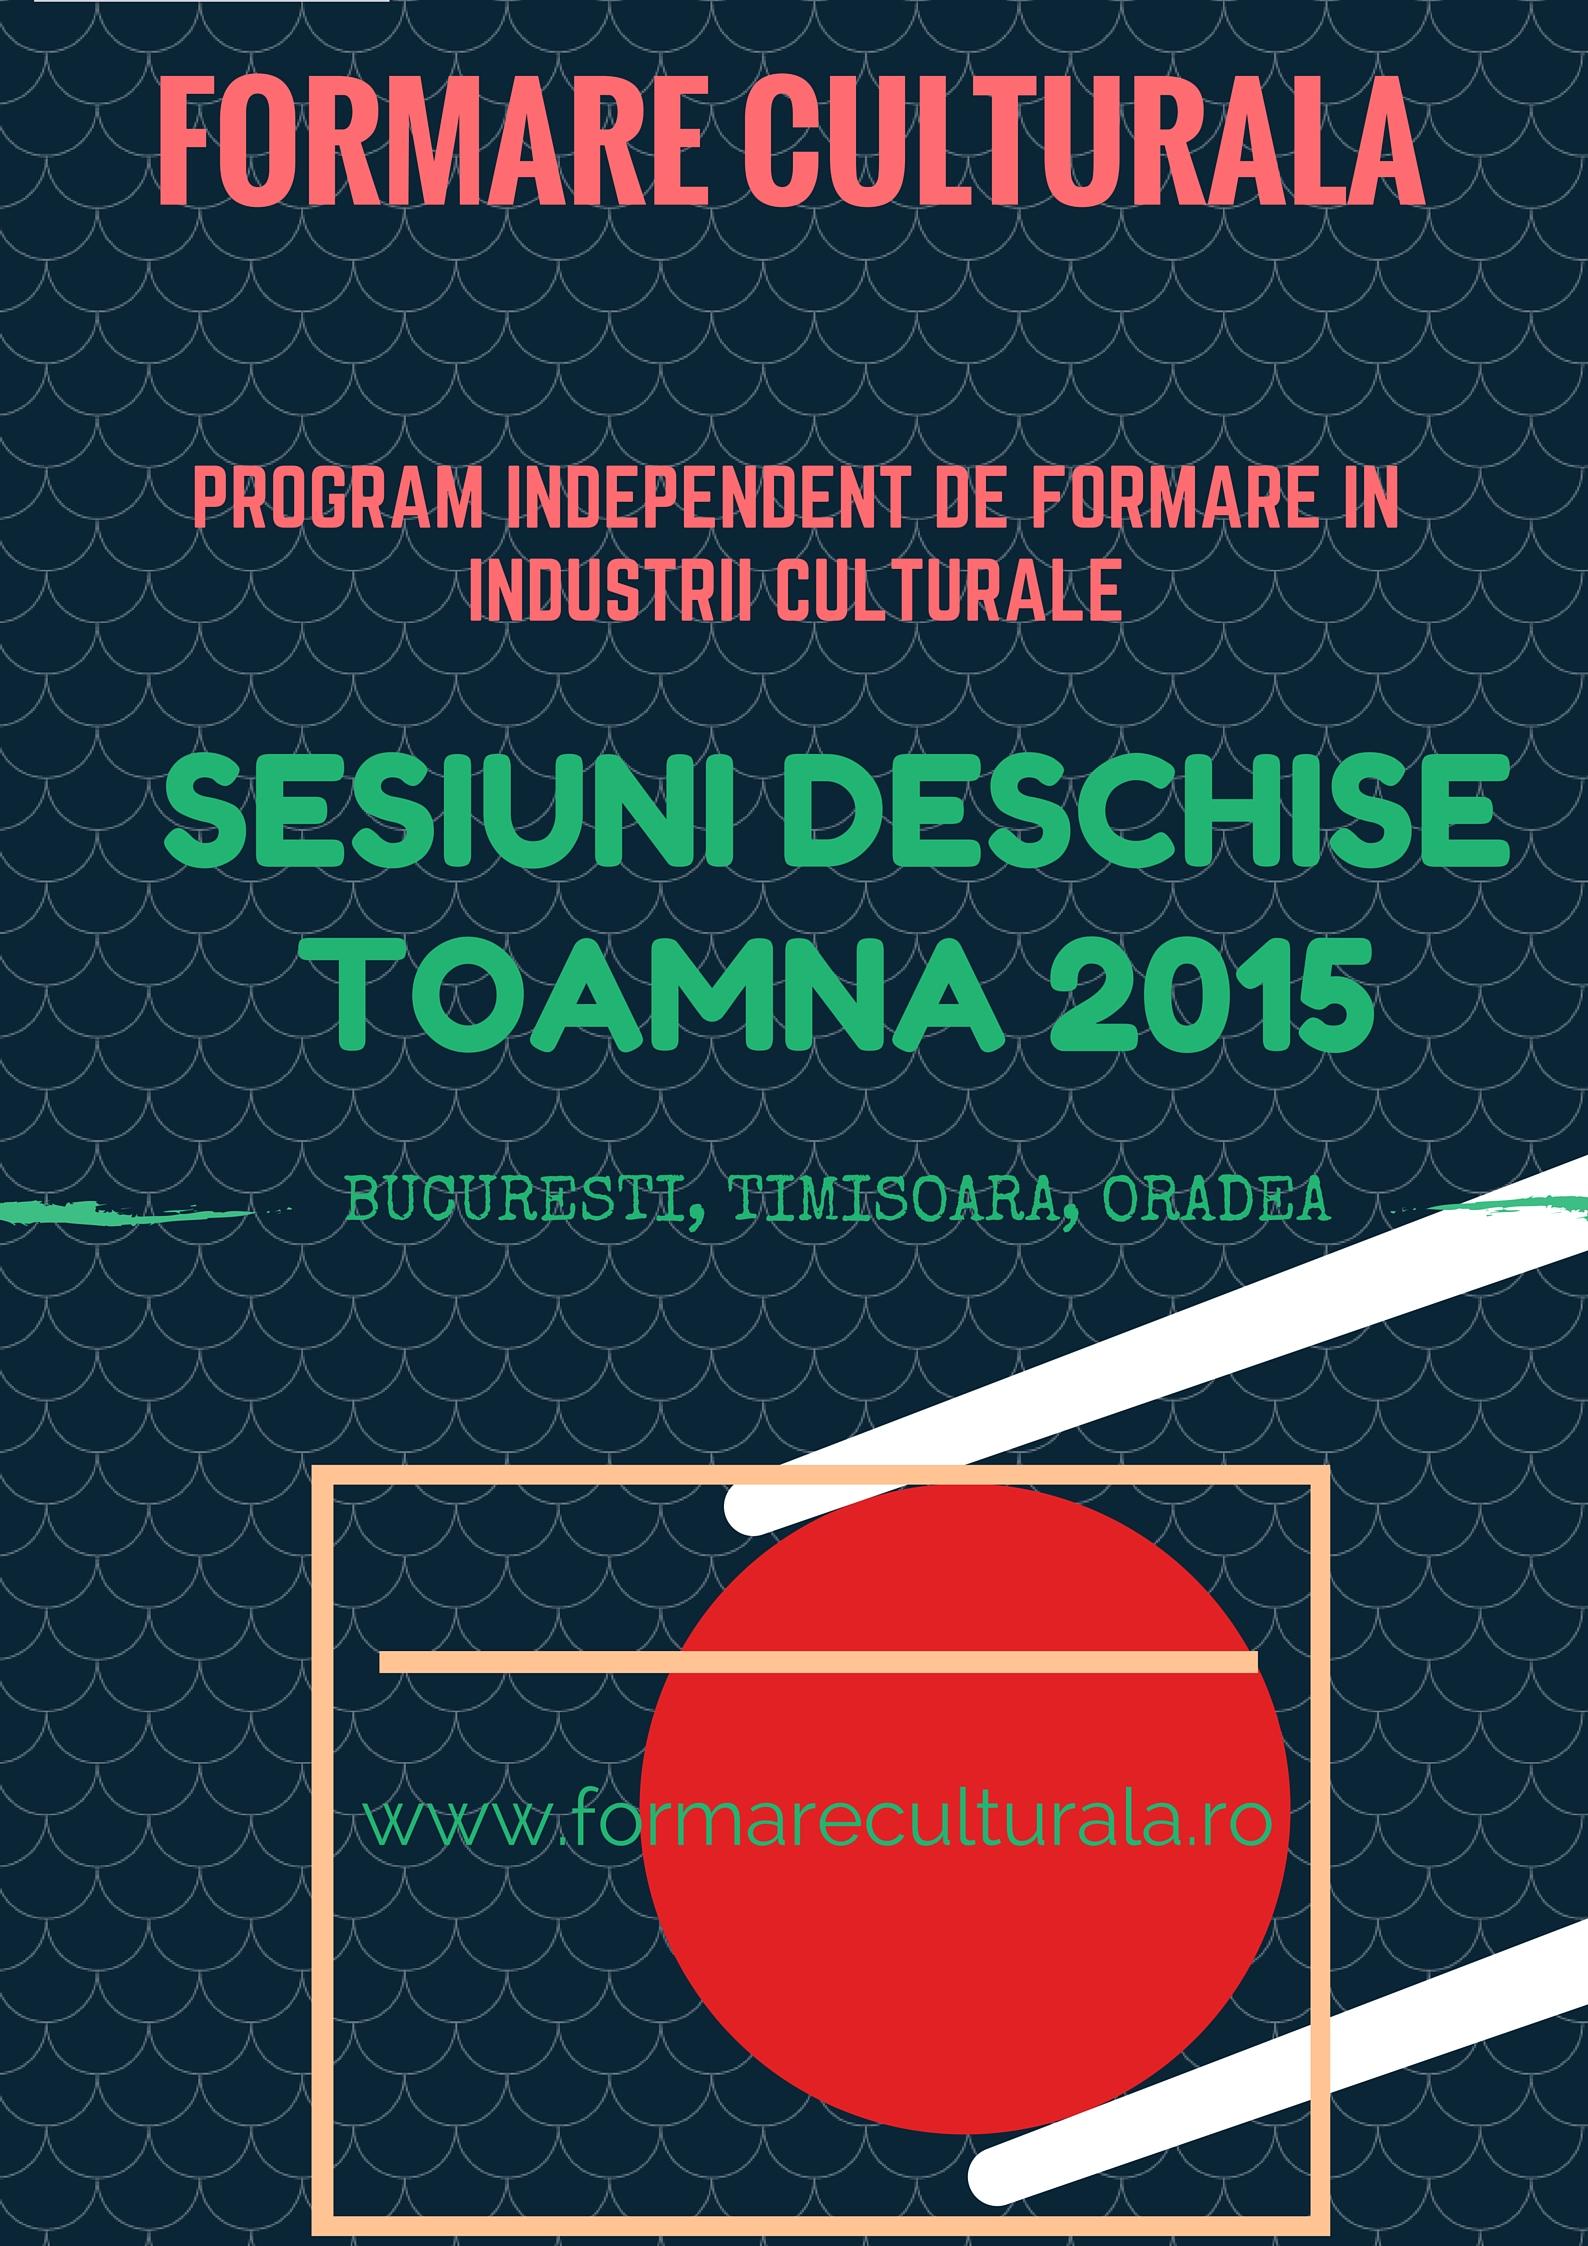 Experiență formalizată: formare profesională în industrii culturale și creative @Formare Culturală